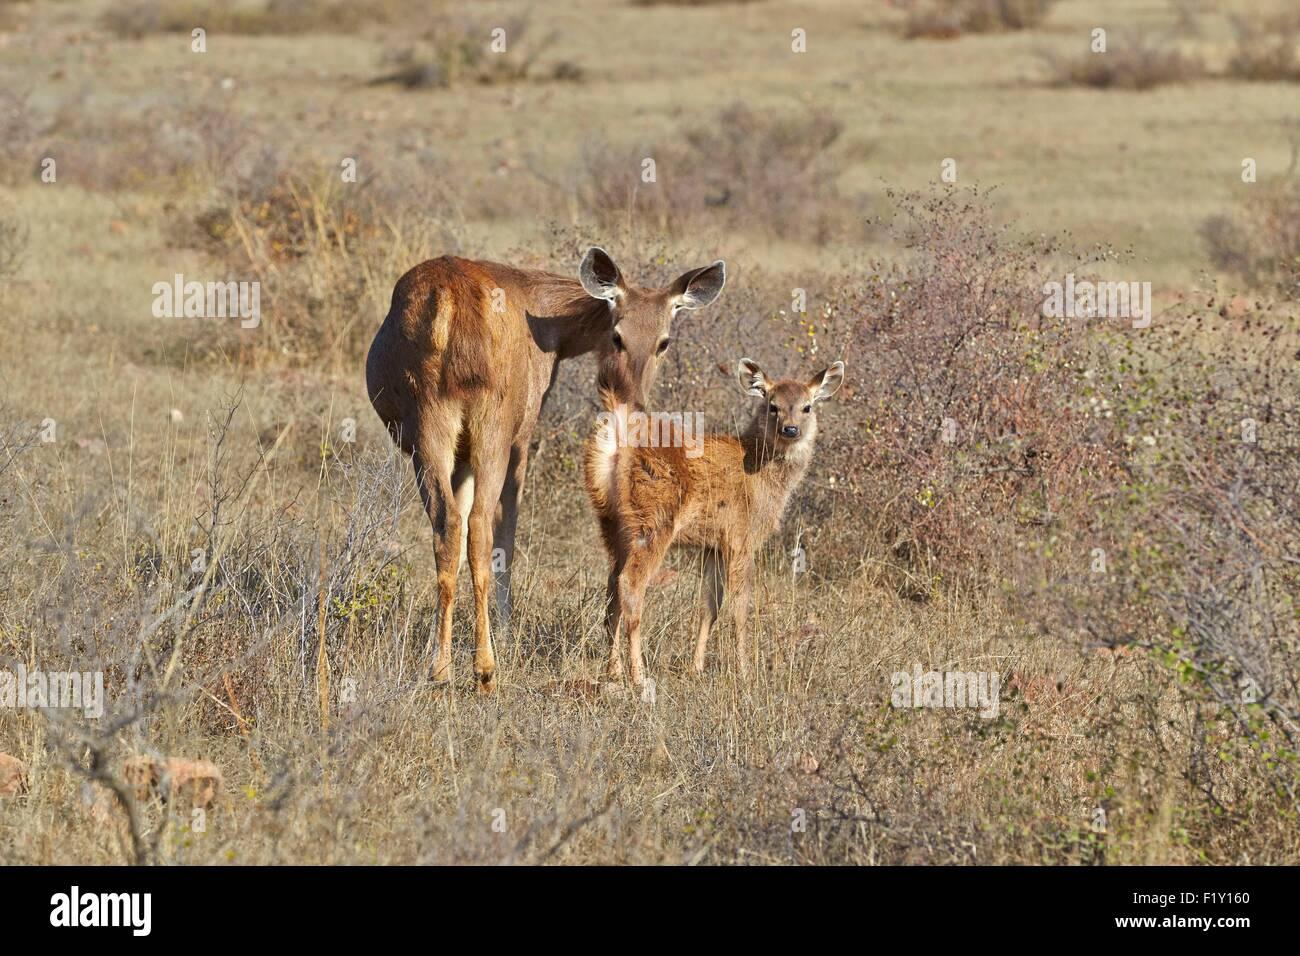 India, Rajasthan state, Ranthambore National Park, Sambar